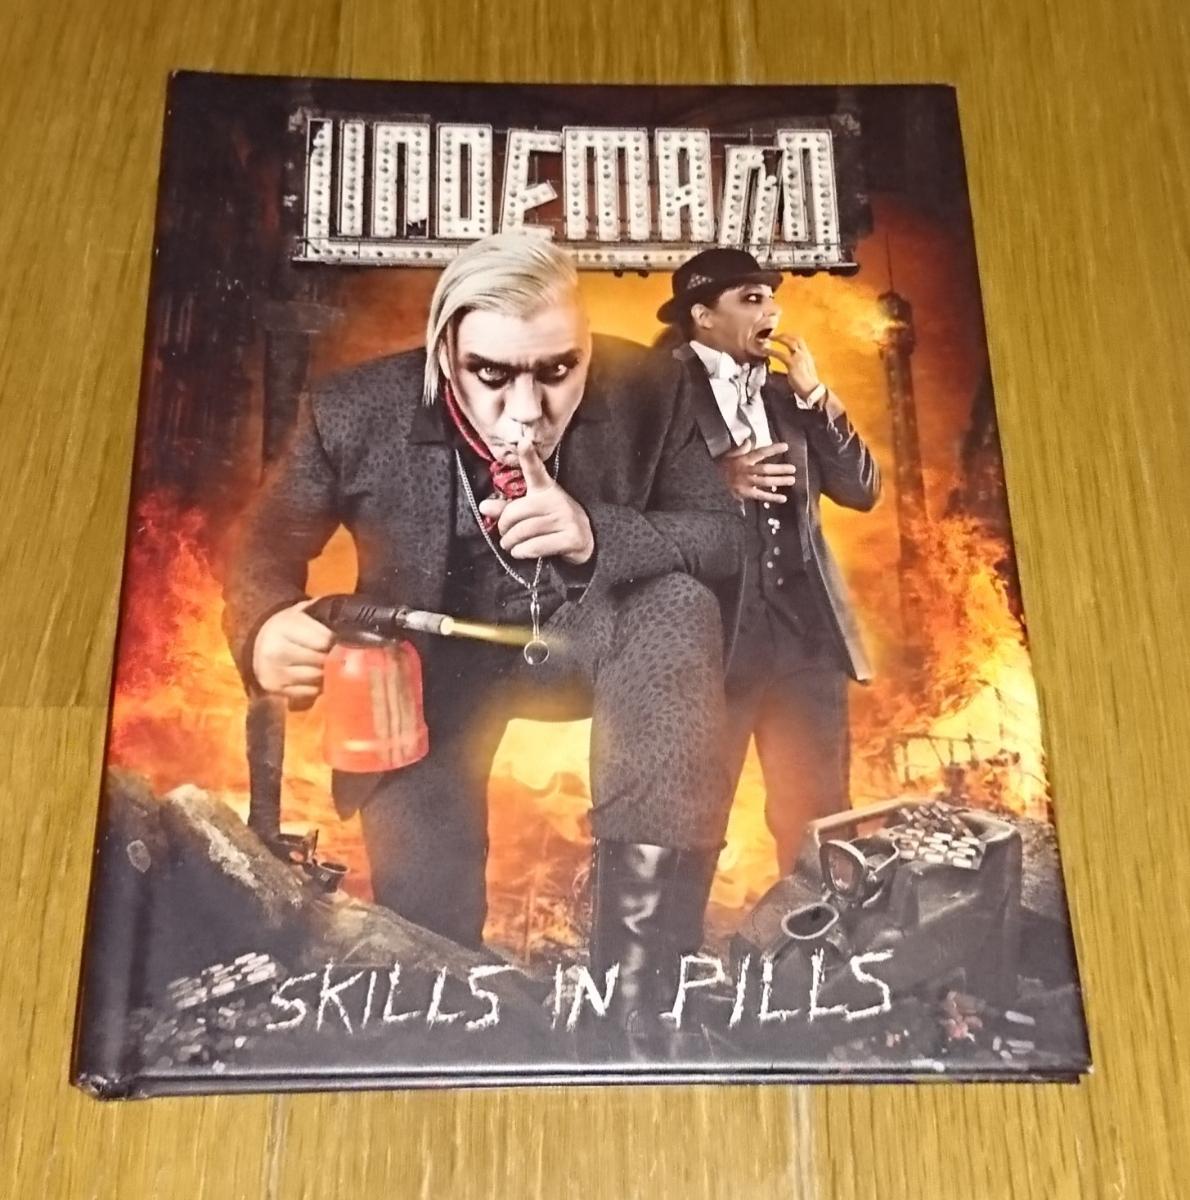 Lindemann Skills In Pills 限定28Pハードカバーブックレット ボーナストラック有り ラムシュタイン 極美品 メタル インダストリアル